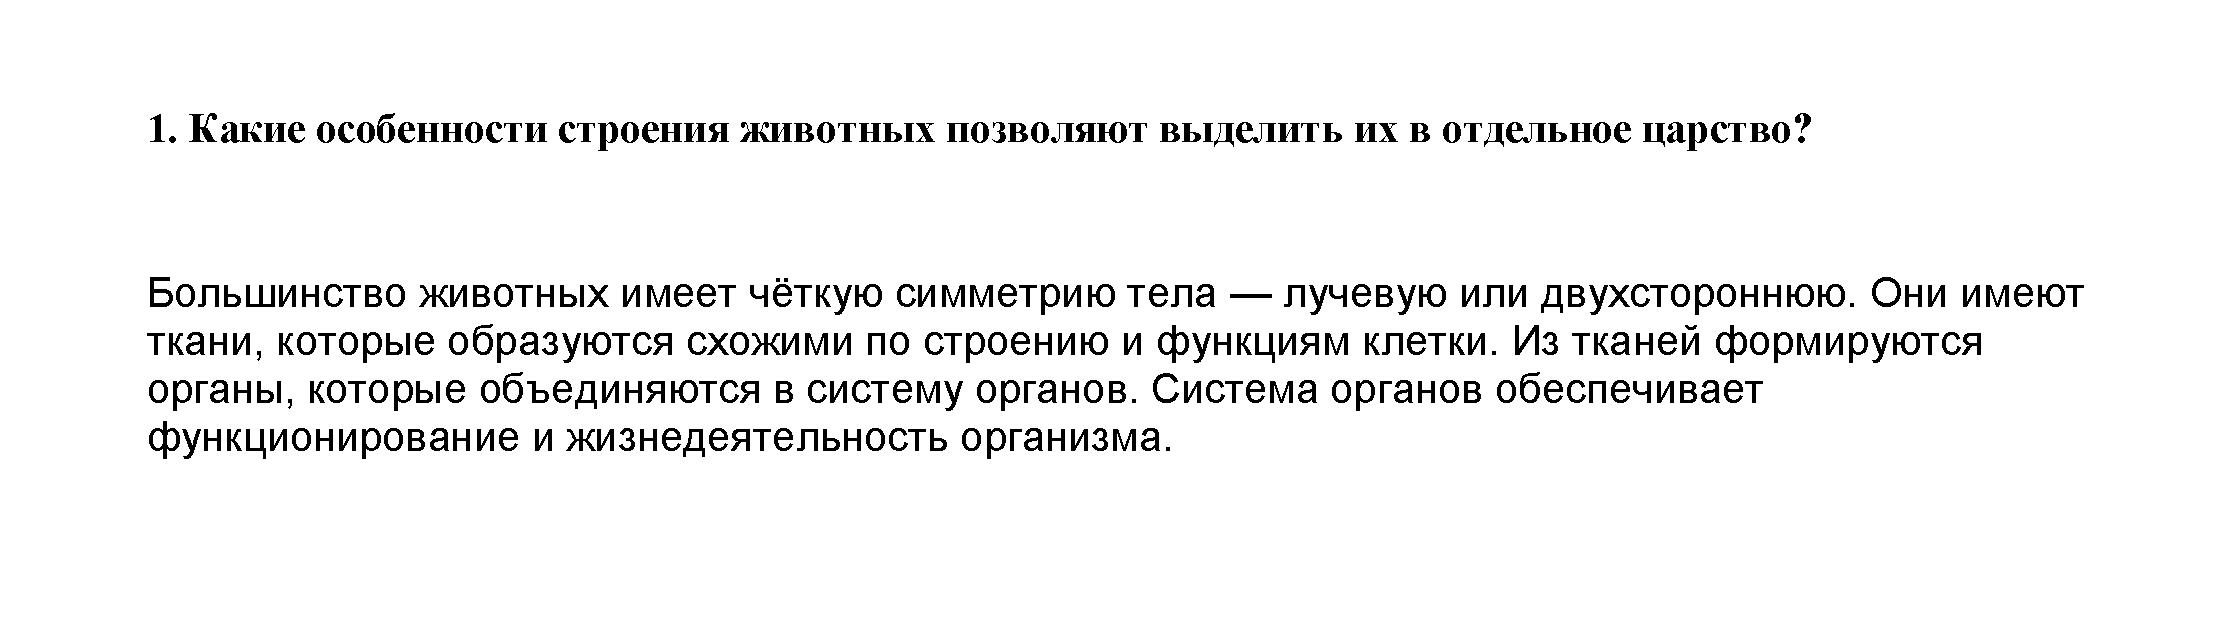 1 - решение